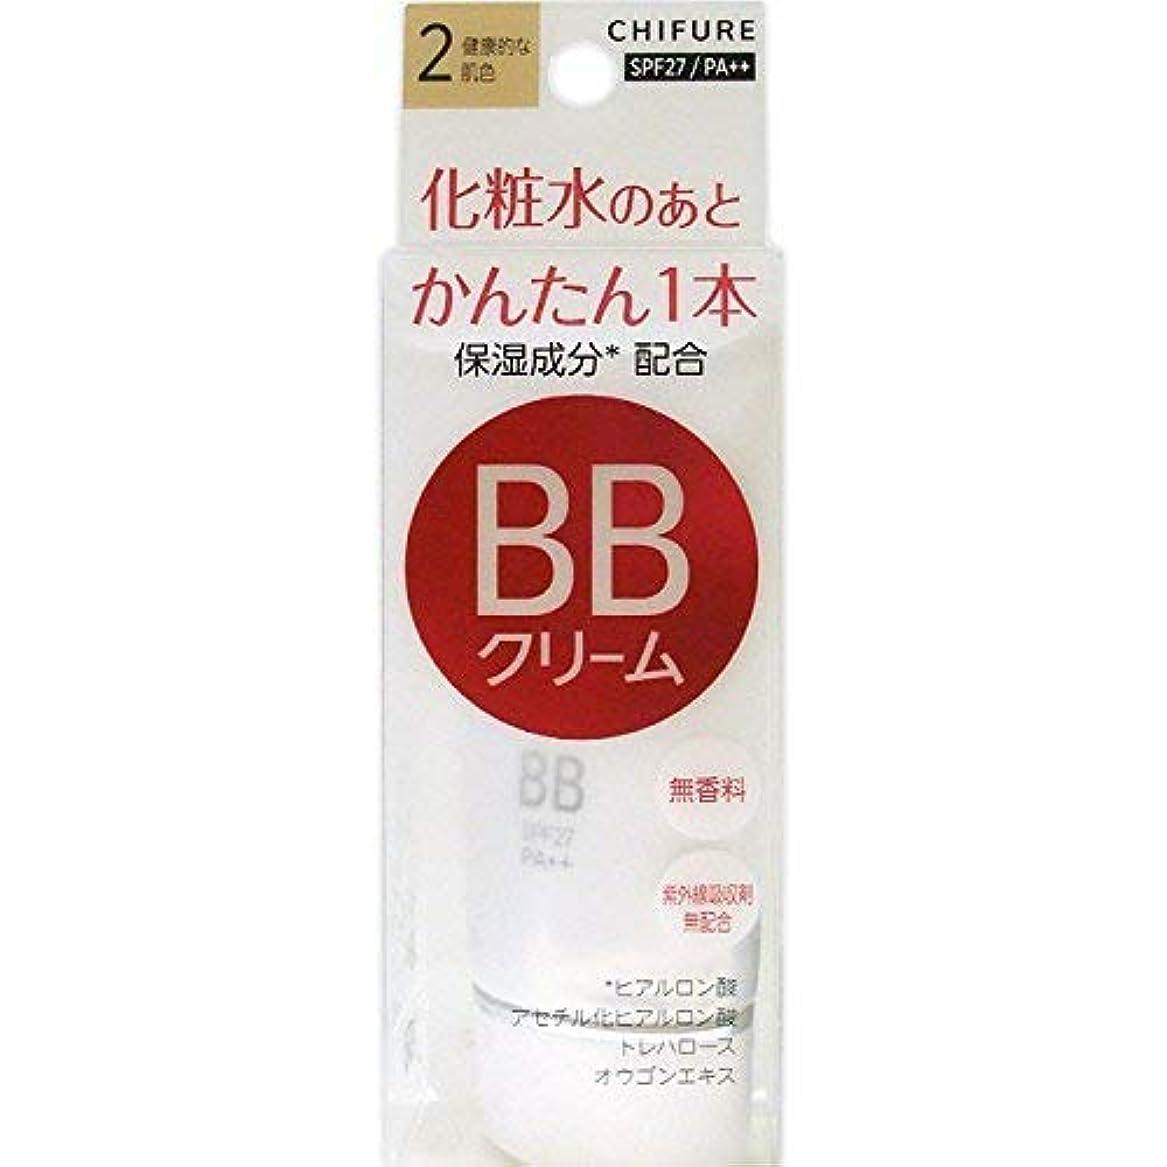 セクションスケジュール発掘するちふれ化粧品 BB クリーム 2 健康的な肌色 BBクリーム 2